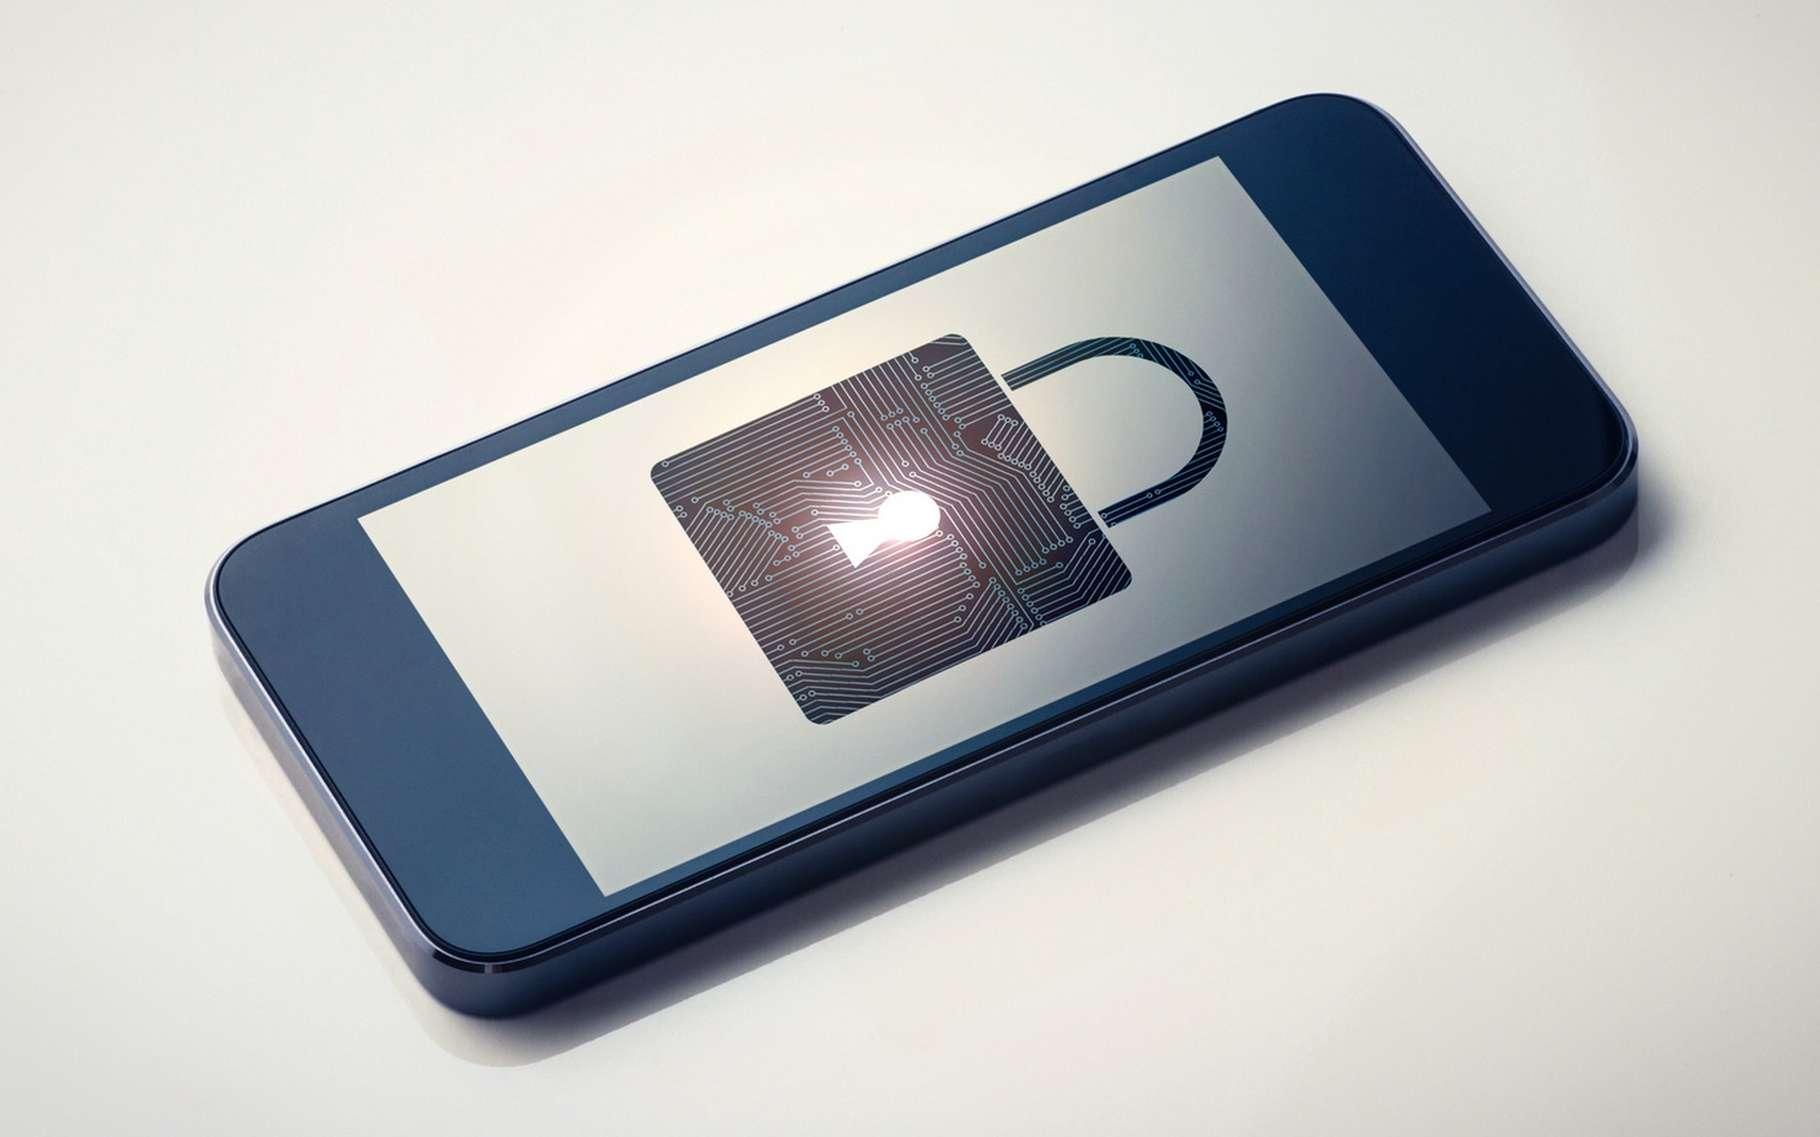 Les nombreux capteurs qu'embarquent les smartphones sont autant de portes ouvertes sur nos données personnelles. © Taa22, Fotolia